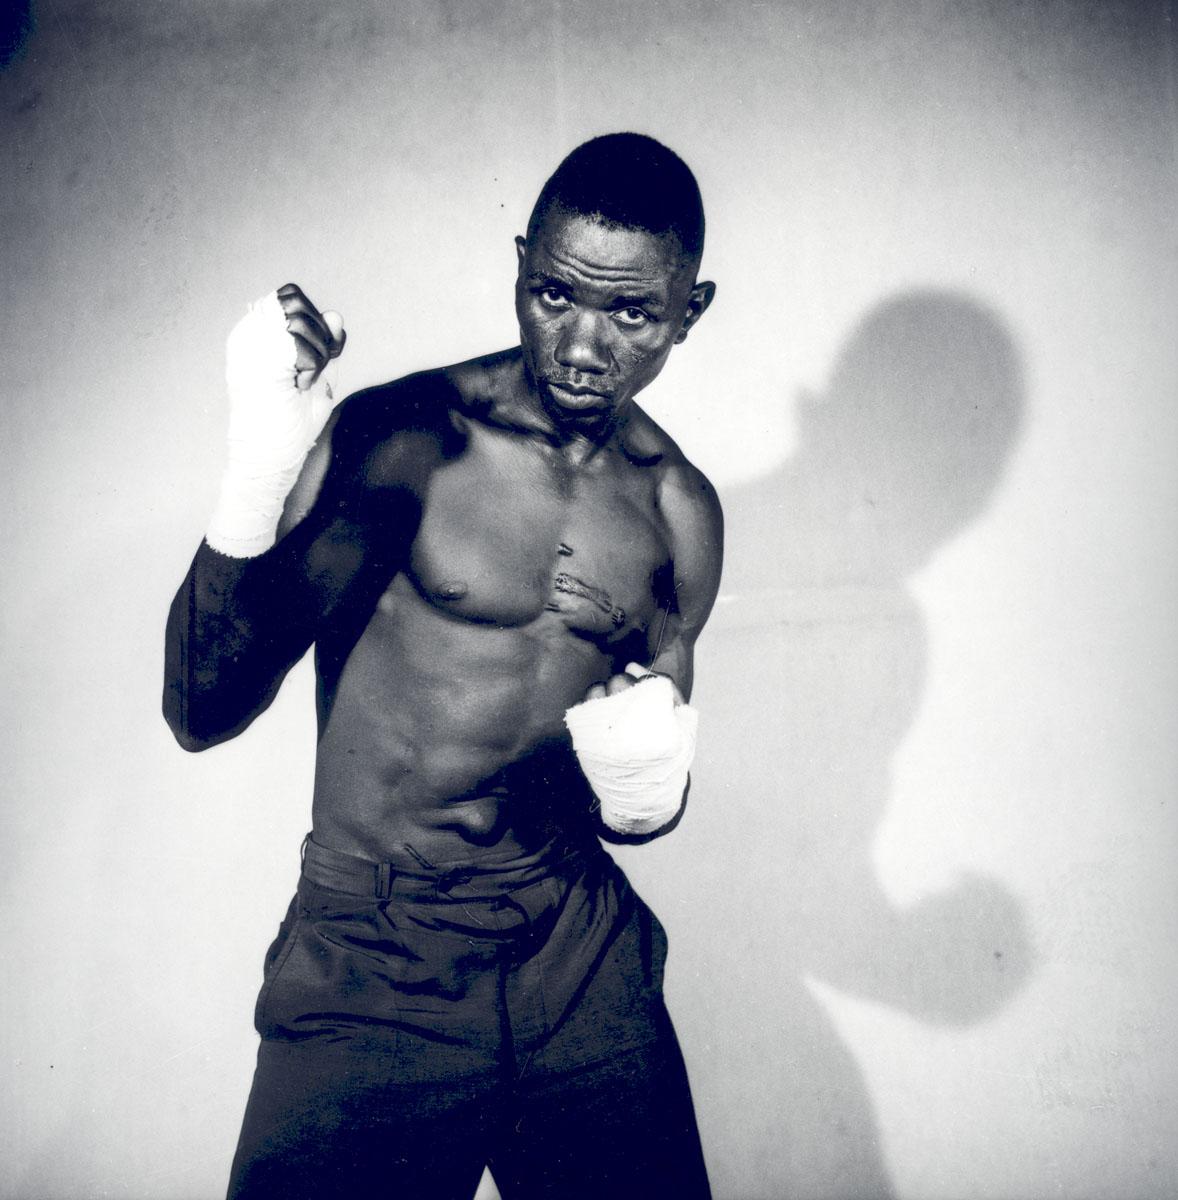 Malick Sidibé, Boxeur (poings levés avec bandages), 1966, © Malick Sidibé, Courtesy Galerie MAGNIN-A, Paris